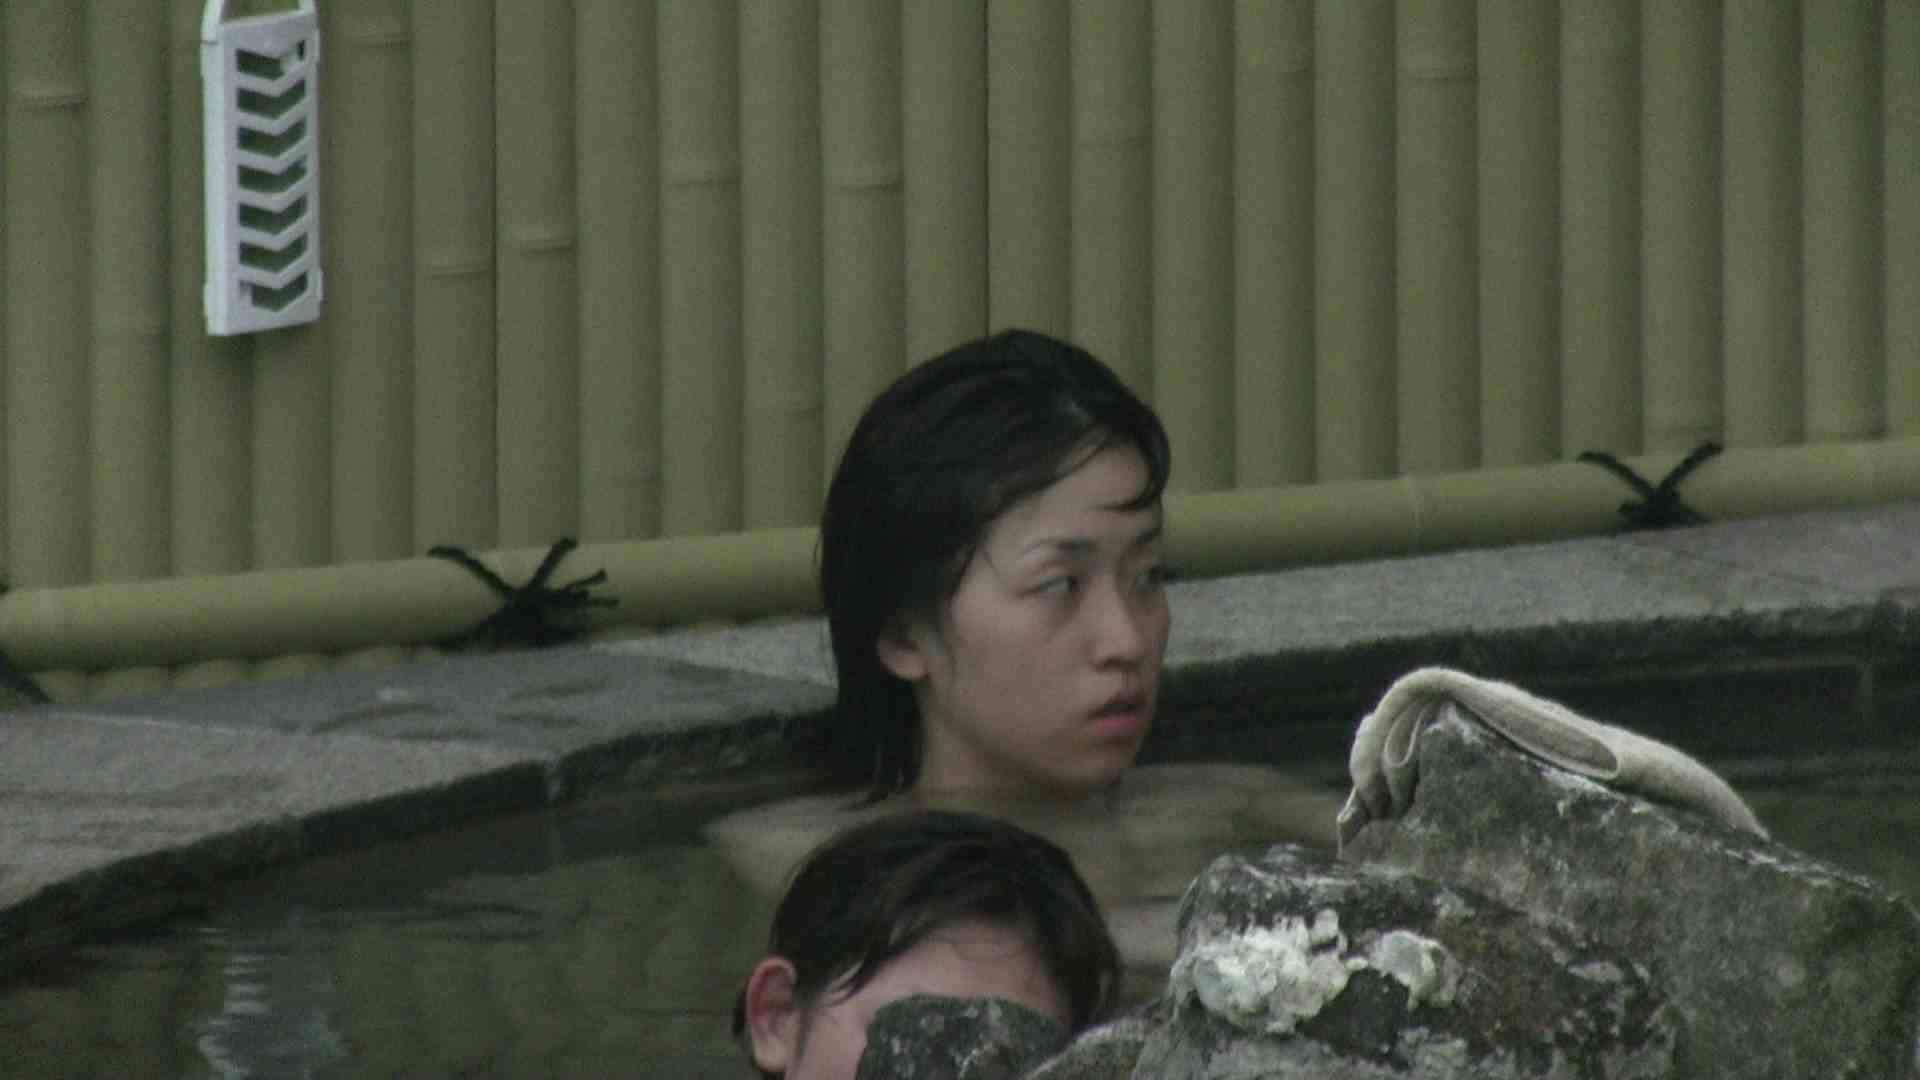 Aquaな露天風呂Vol.170 盗撮  54画像 12